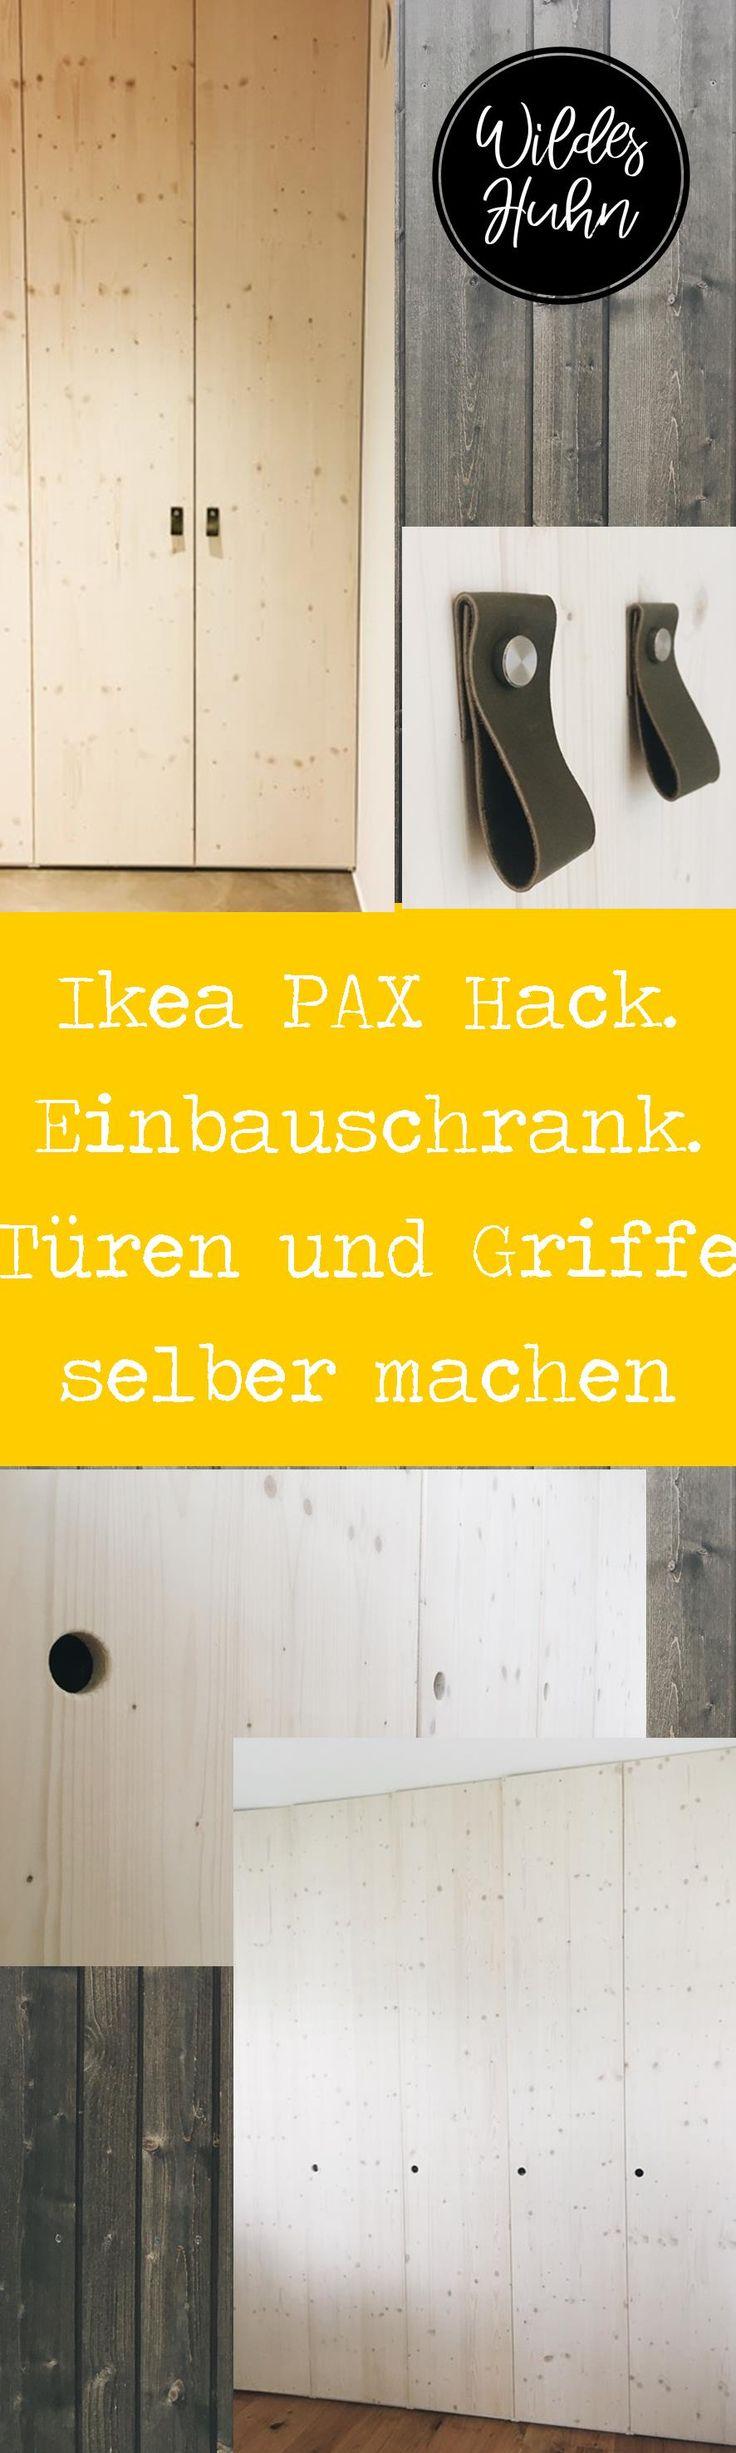 Ideal Ikea Pax Hack um aus einem einfachen Pax Schrank einen individuellen einbauschrank zu machen Eigene